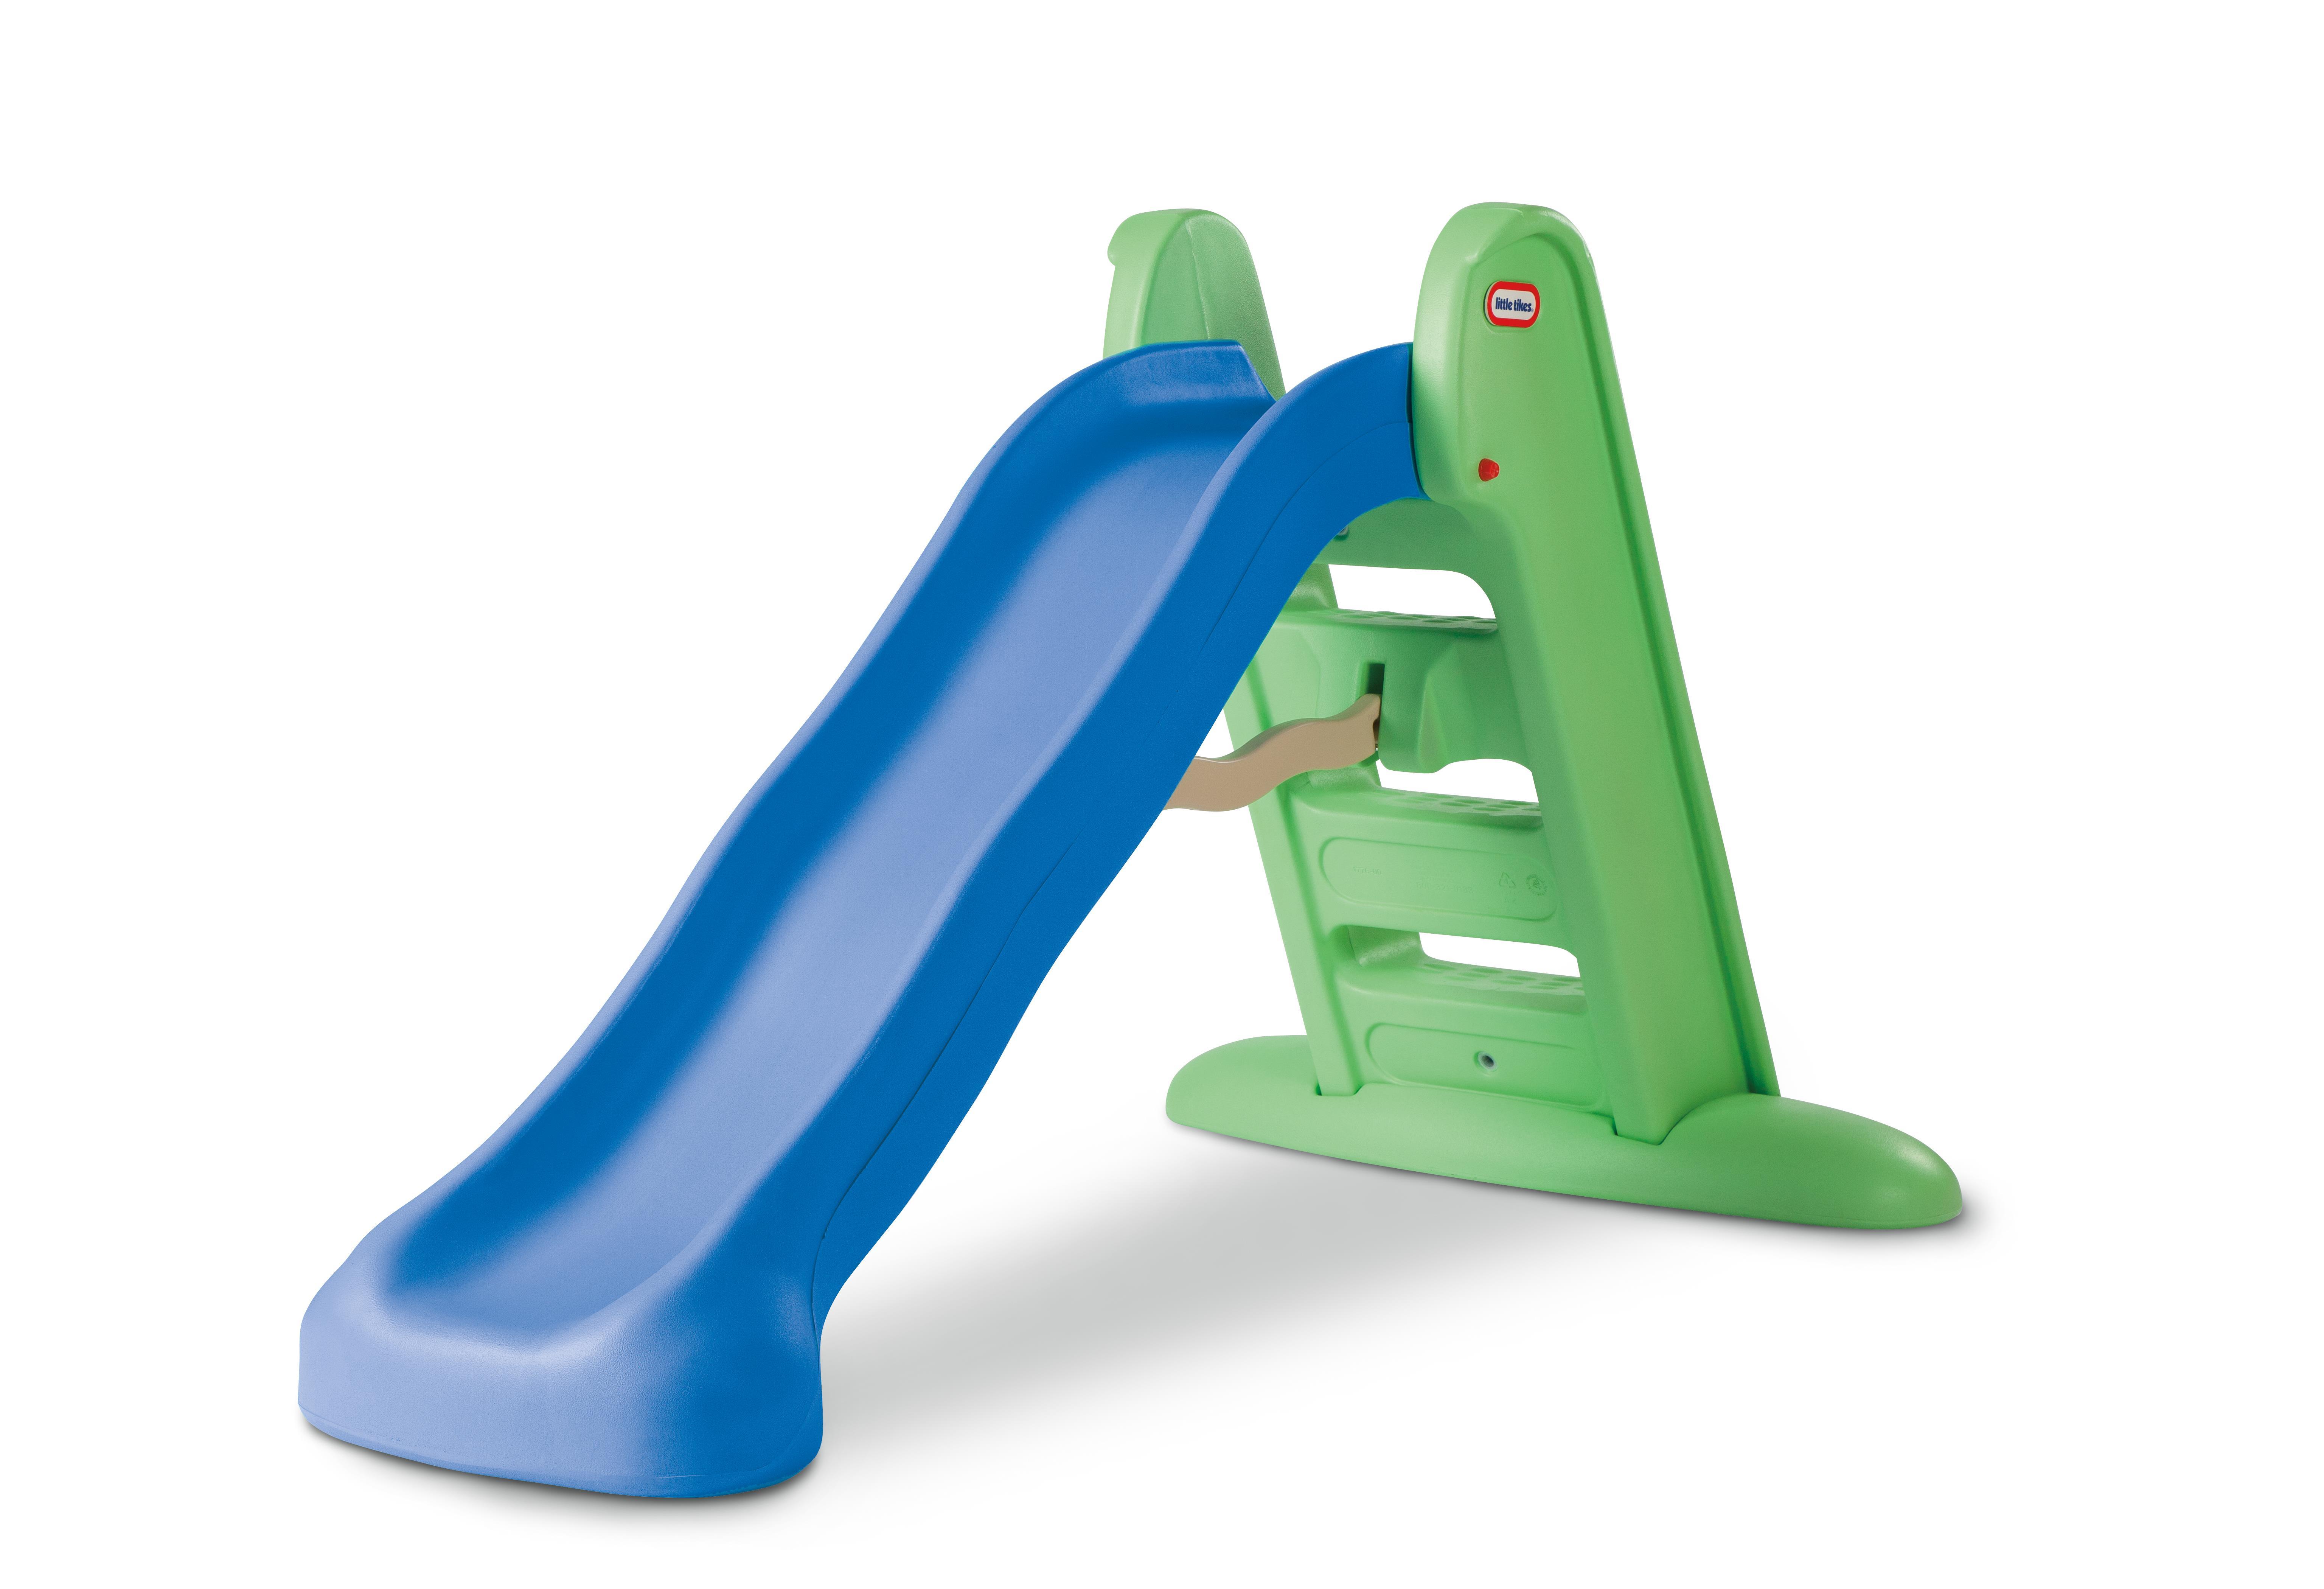 สไลเดอร์ขนาดใหญ่ Little Tikes Easy Store Large Slide เล่นได้ทั้งในและนอกบ้าน